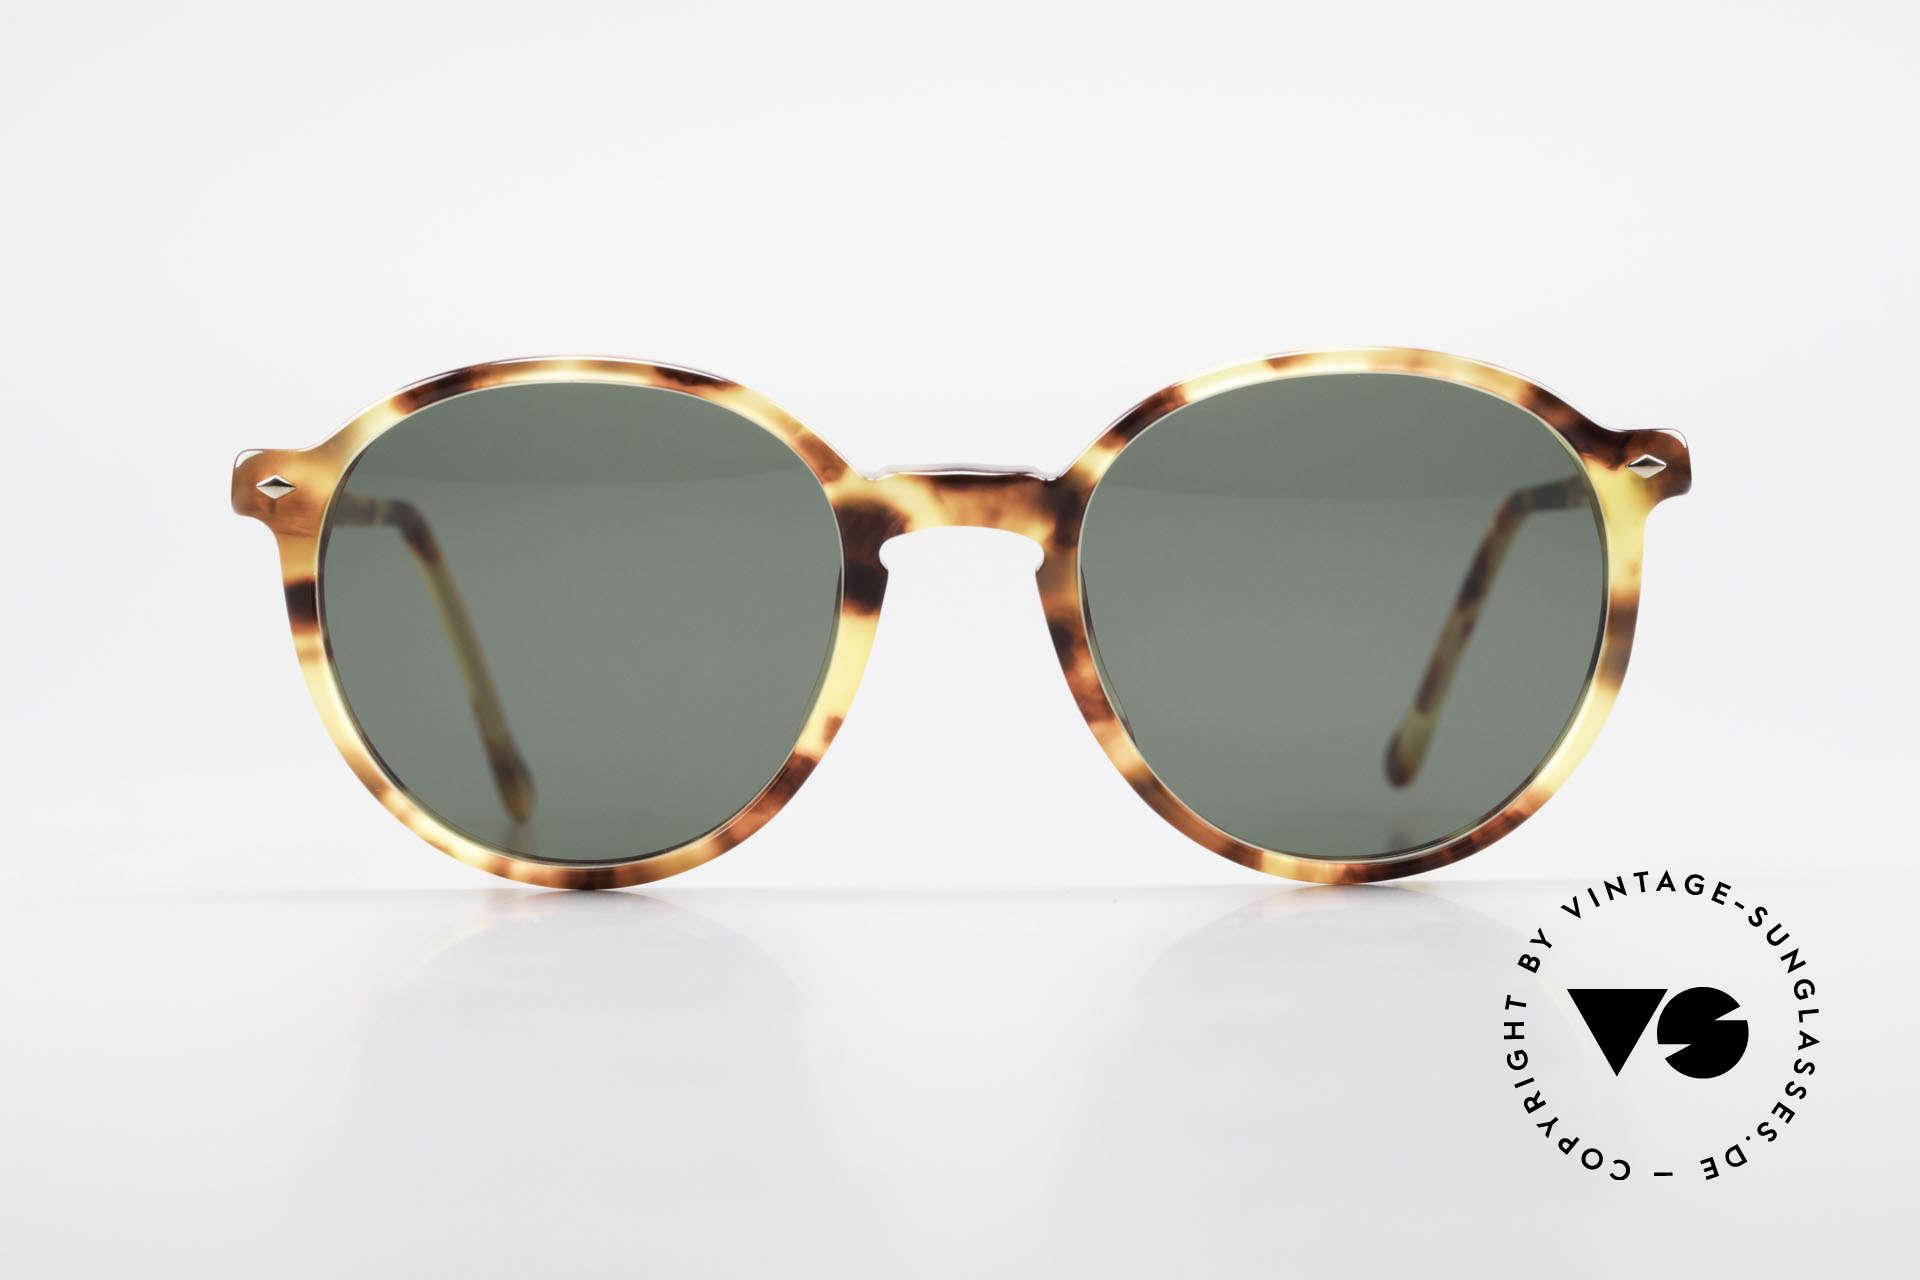 Giorgio Armani 325 Rare 90er Panto Sonnenbrille, klassische Brillenform in PremiumQualität (100% UV), Passend für Herren und Damen